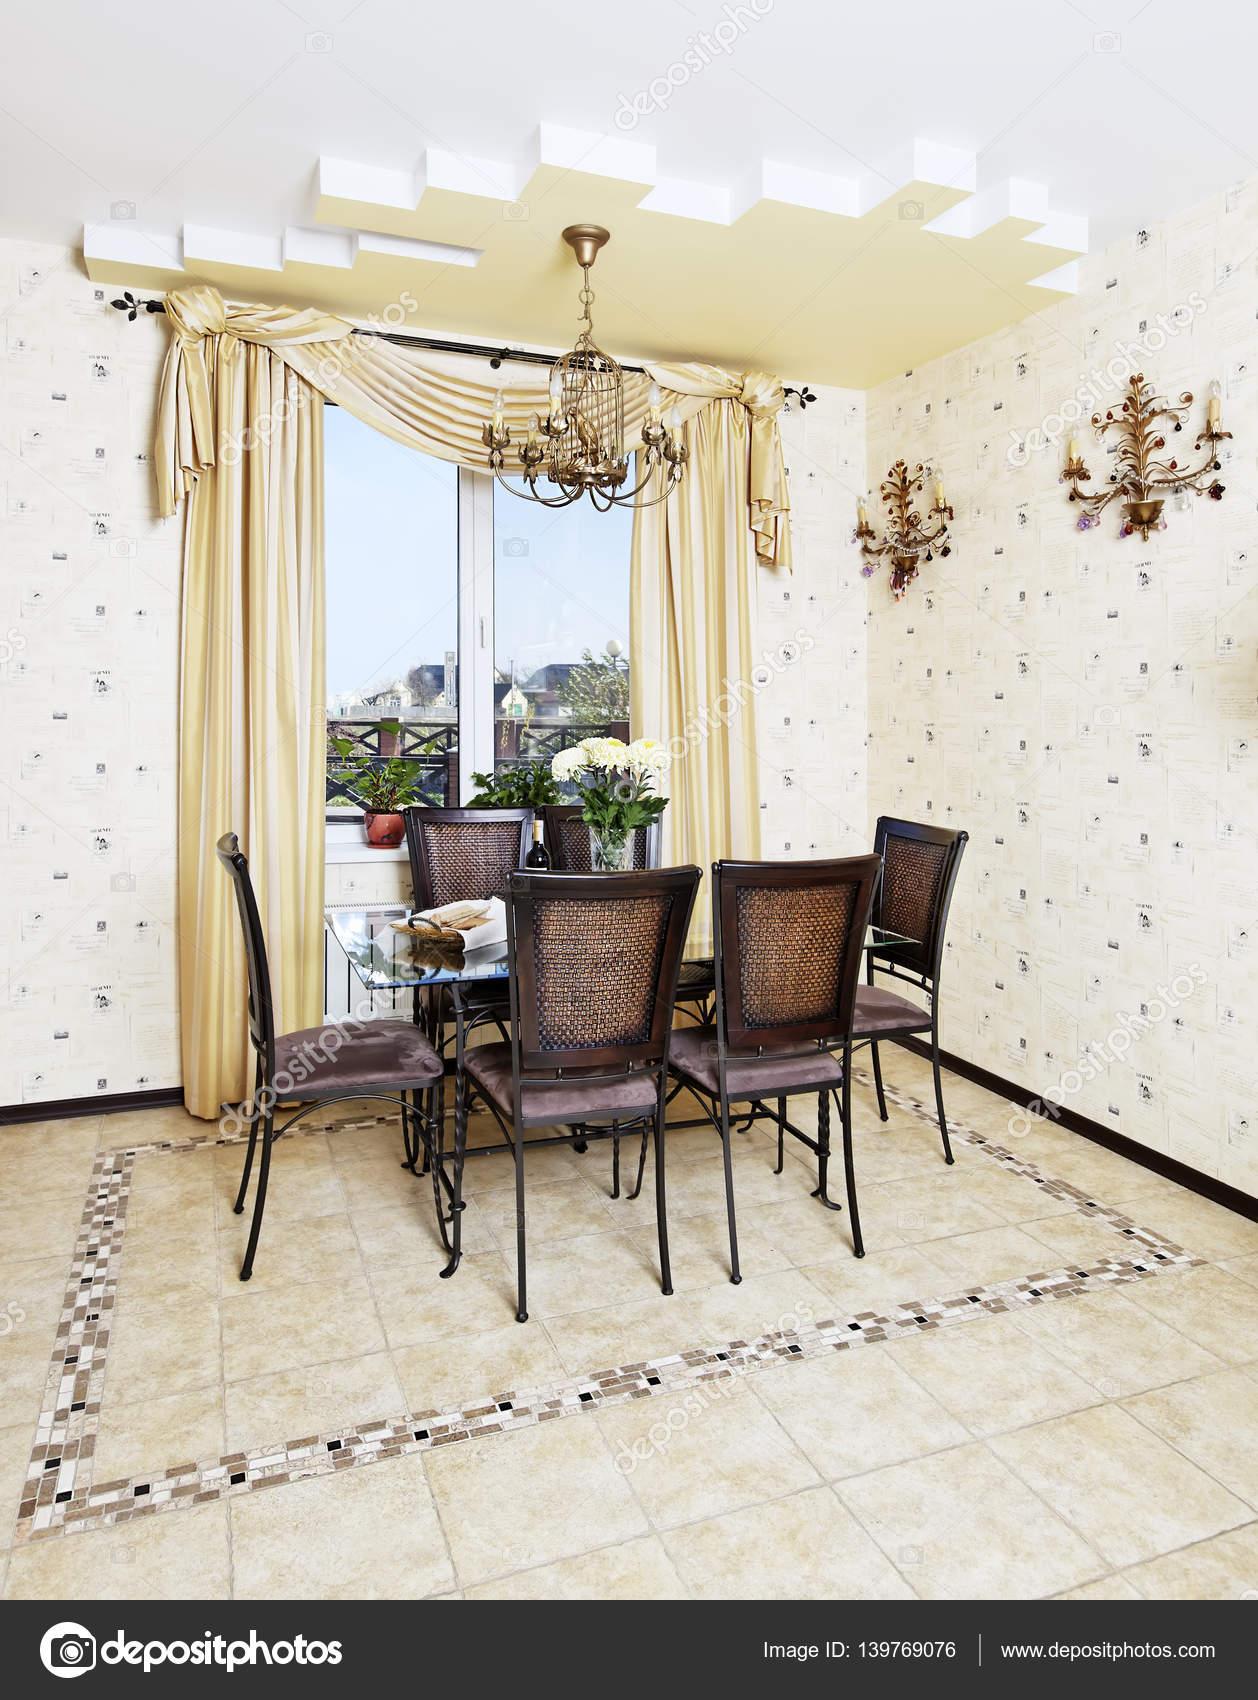 Esstisch und Stuhl im gelbe Küche — Stockfoto © rawgroup #139769076